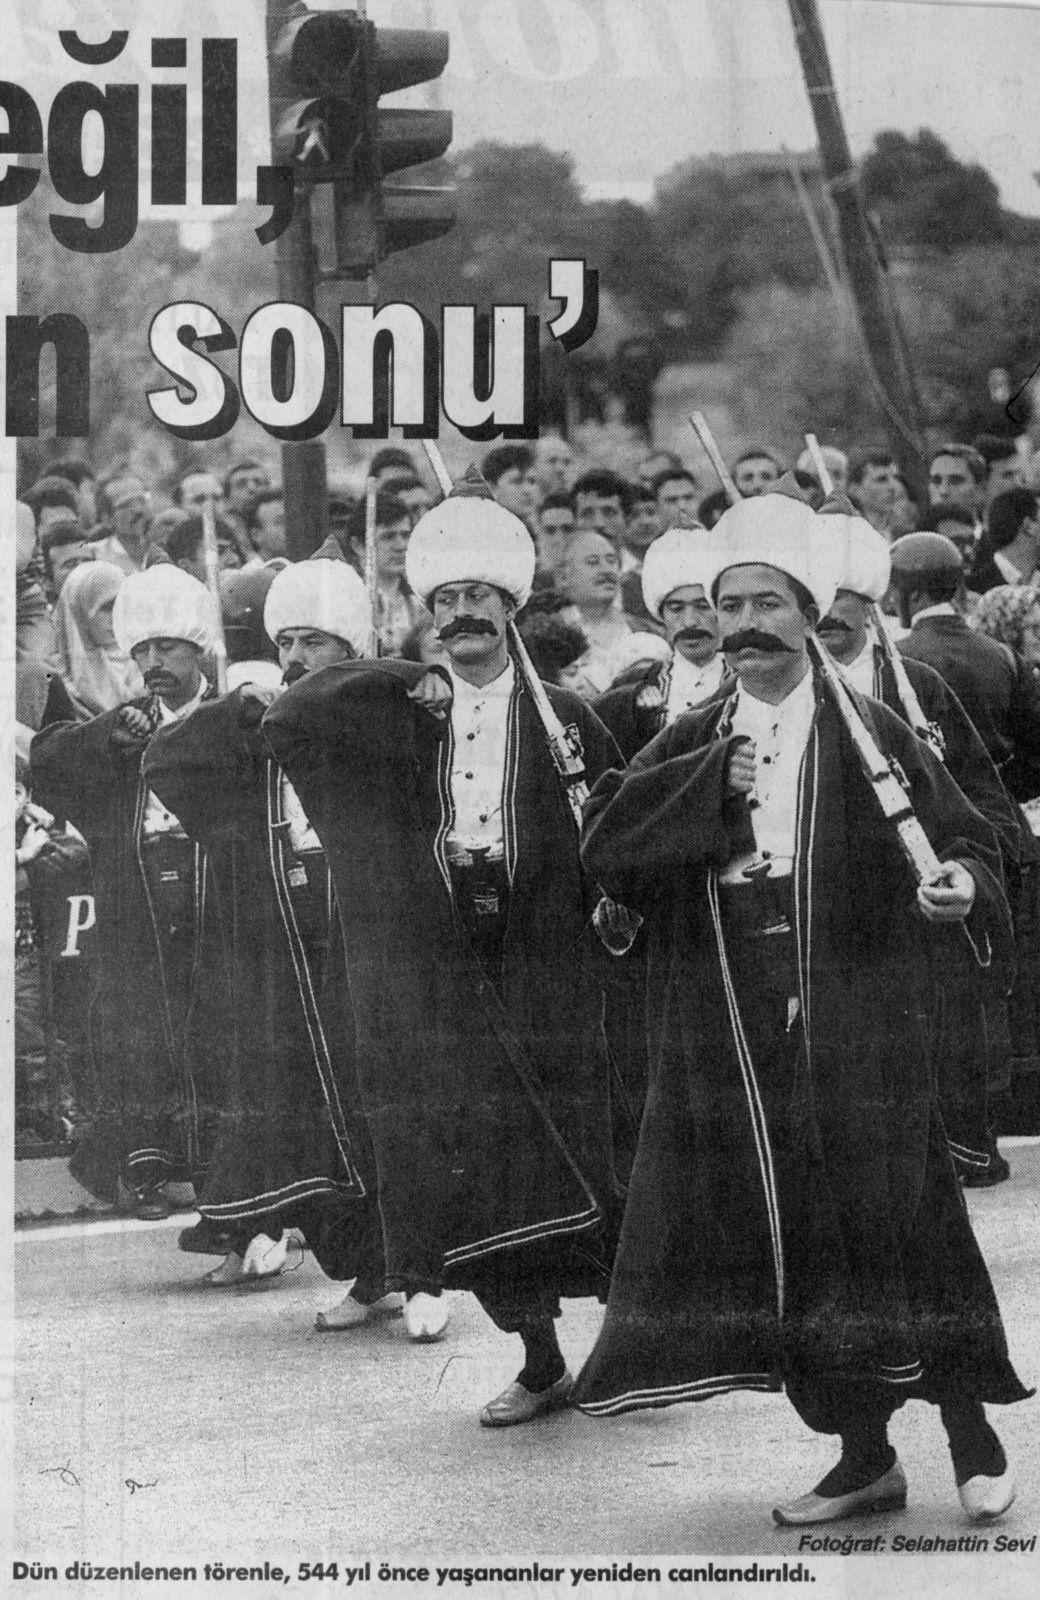 Le défilé des janissaires sur la Vatan caddesi. Photo Selahattin Sevi, Zaman, 30 mai 1997